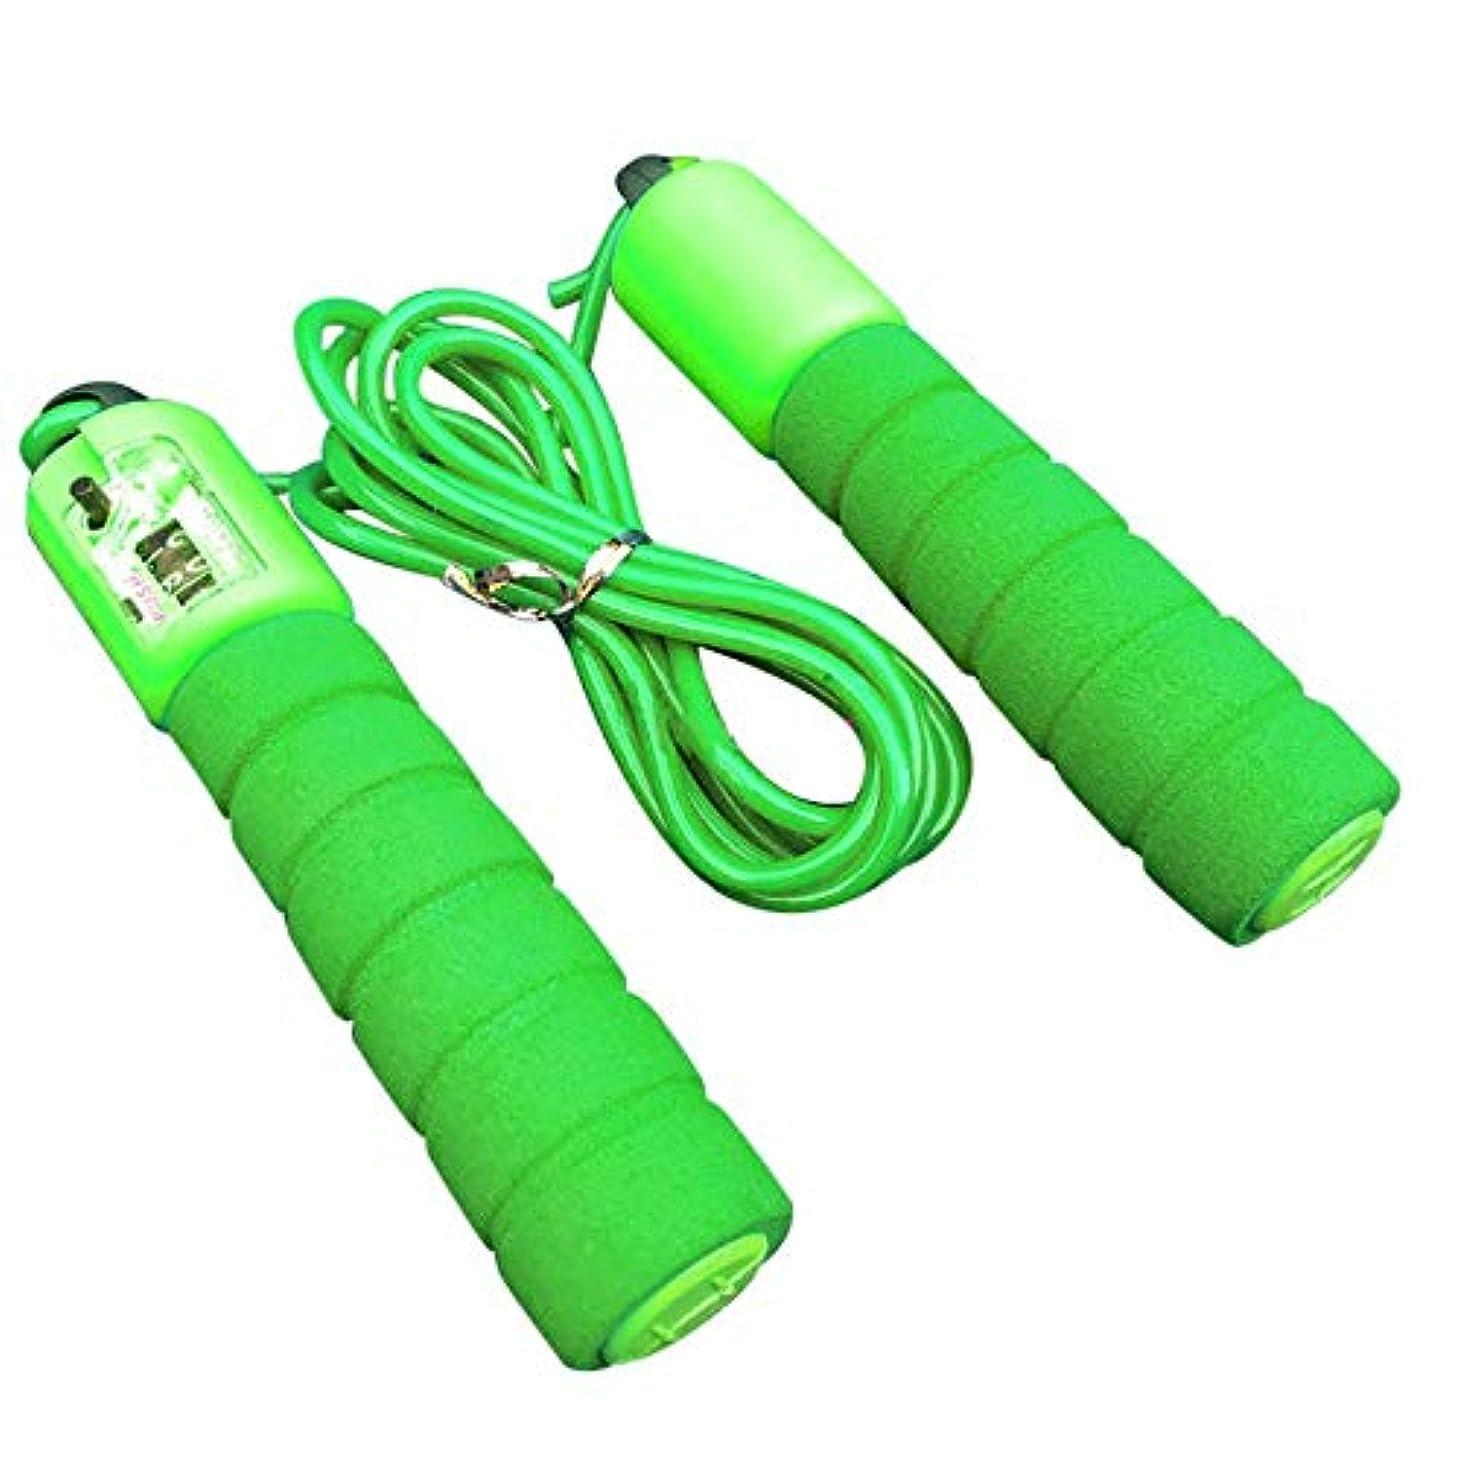 認証脱臼する農業の調節可能なプロフェッショナルカウント縄跳び自動カウントジャンプロープフィットネス運動高速カウントジャンプロープ - グリーン